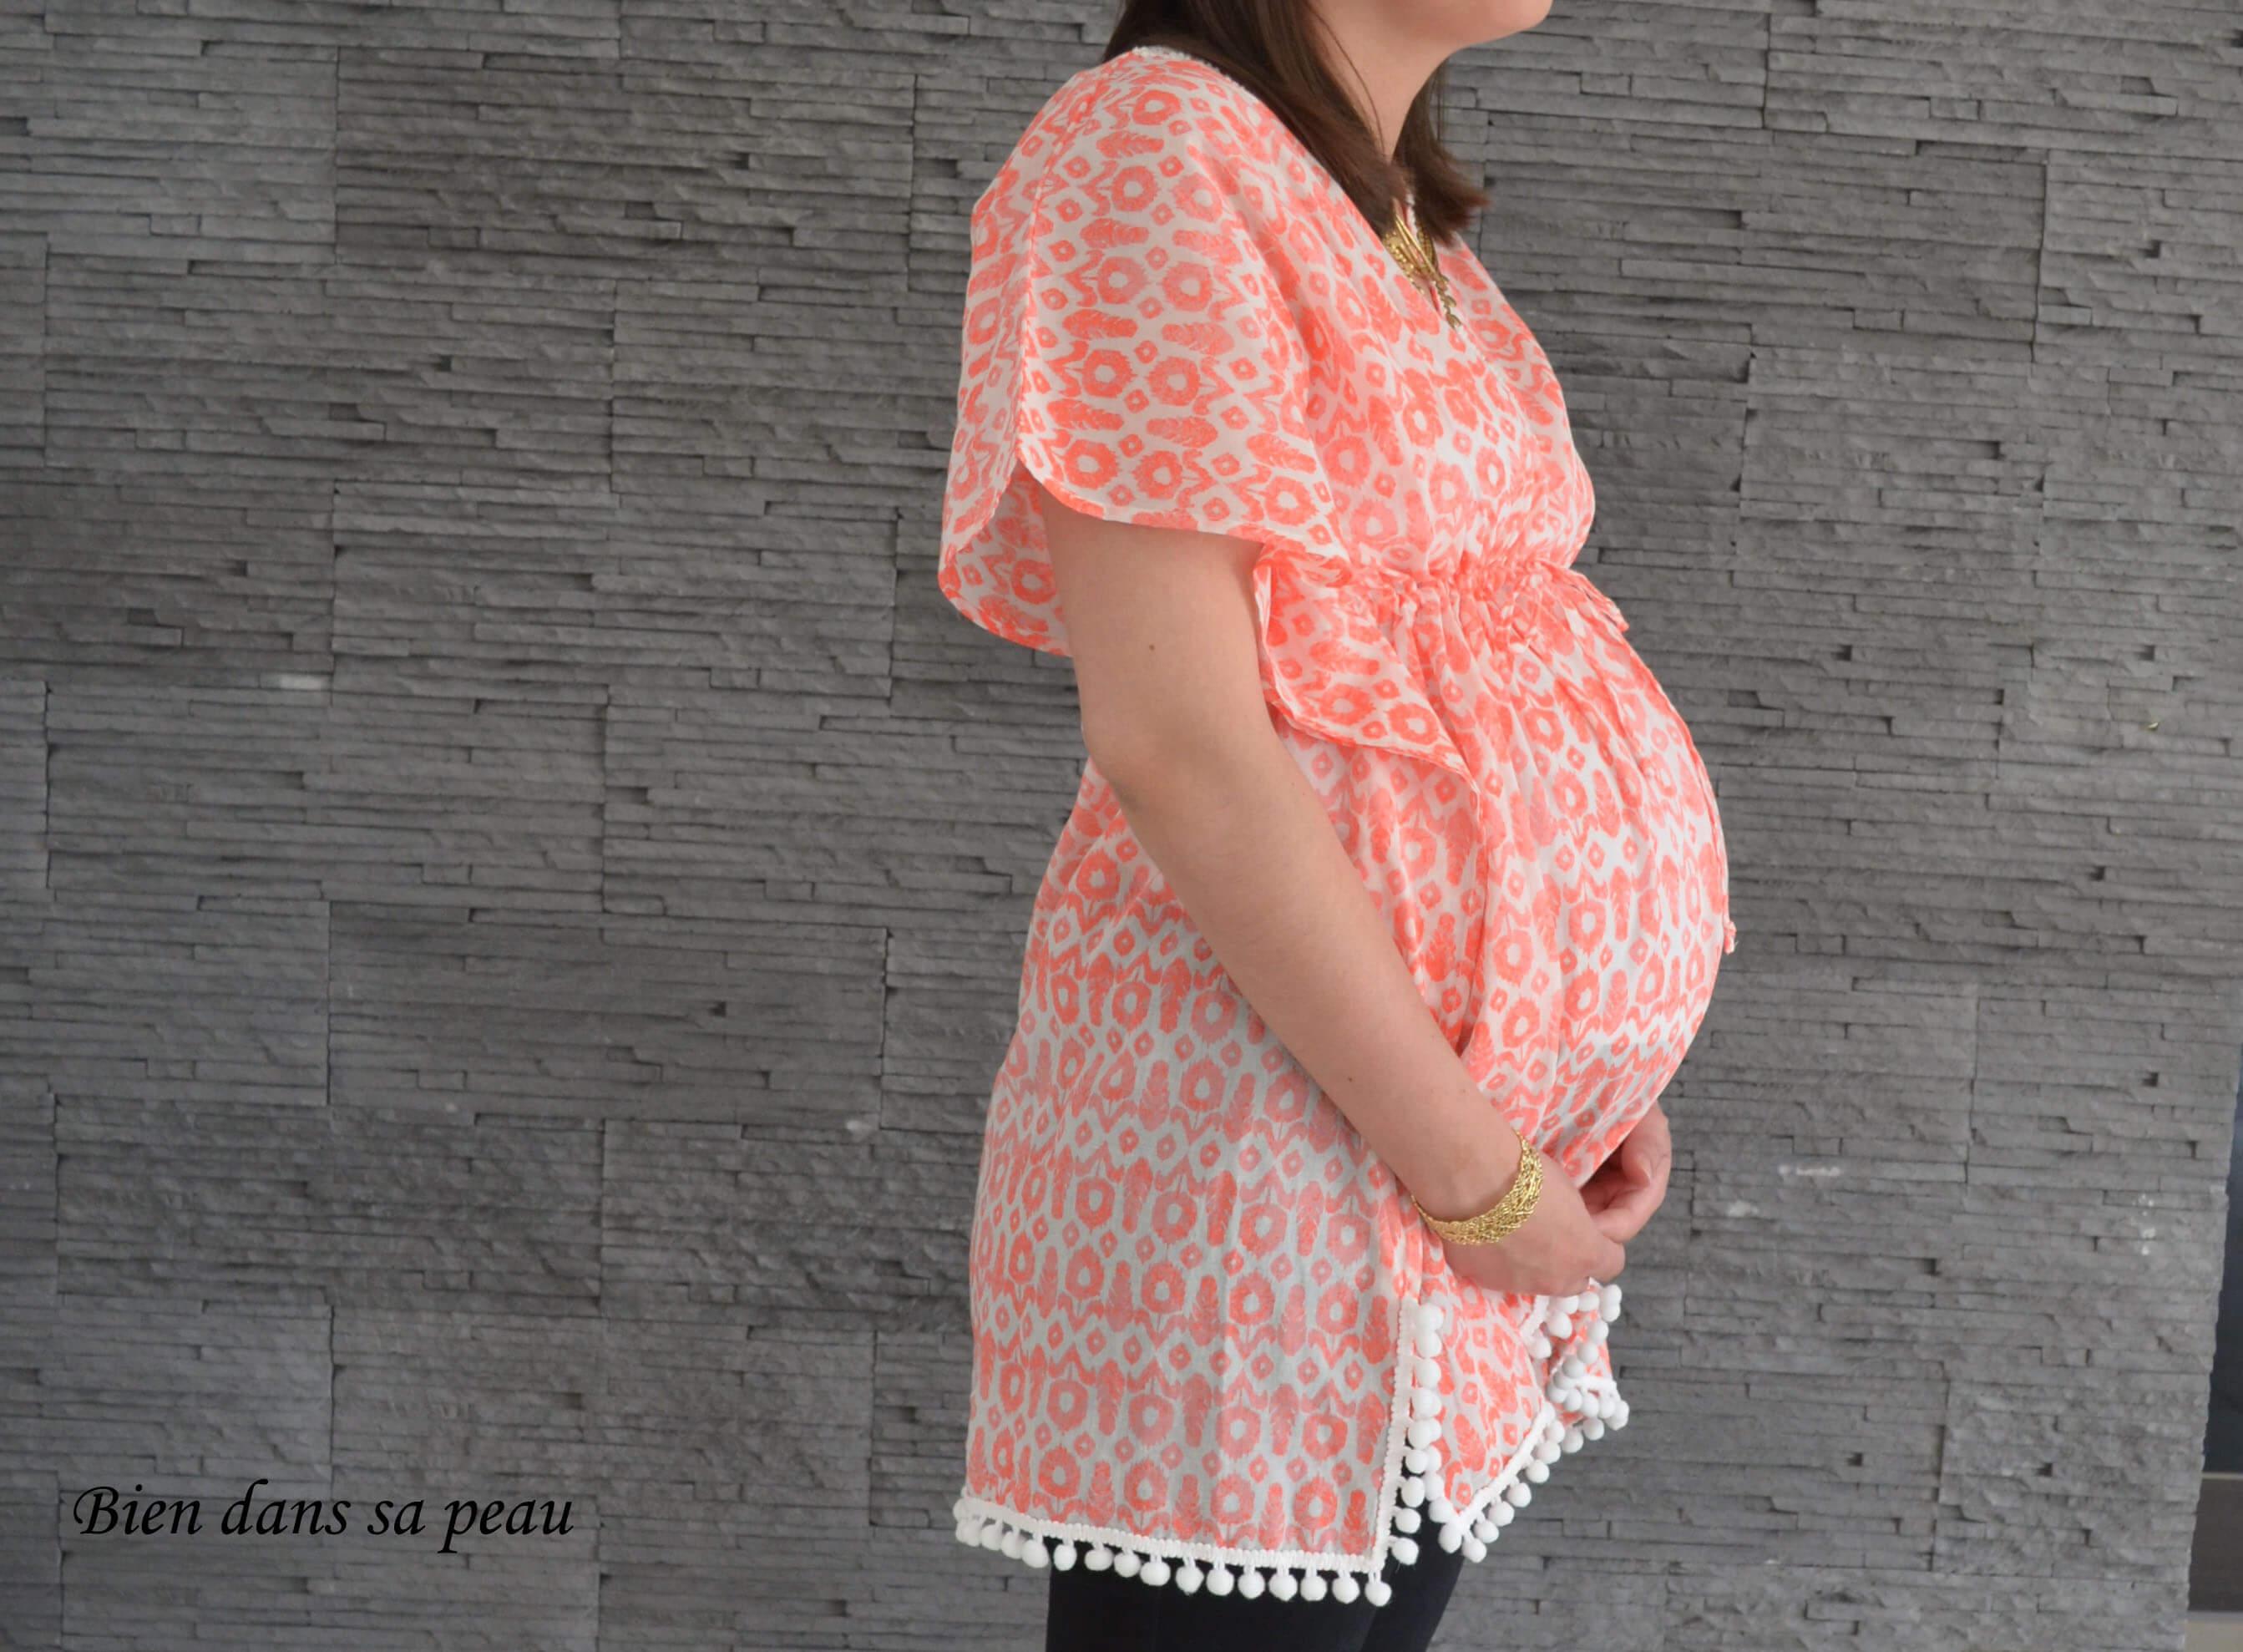 6 raisons pour lesquelles j 39 ai ador tre enceinte bien dans sa peau. Black Bedroom Furniture Sets. Home Design Ideas